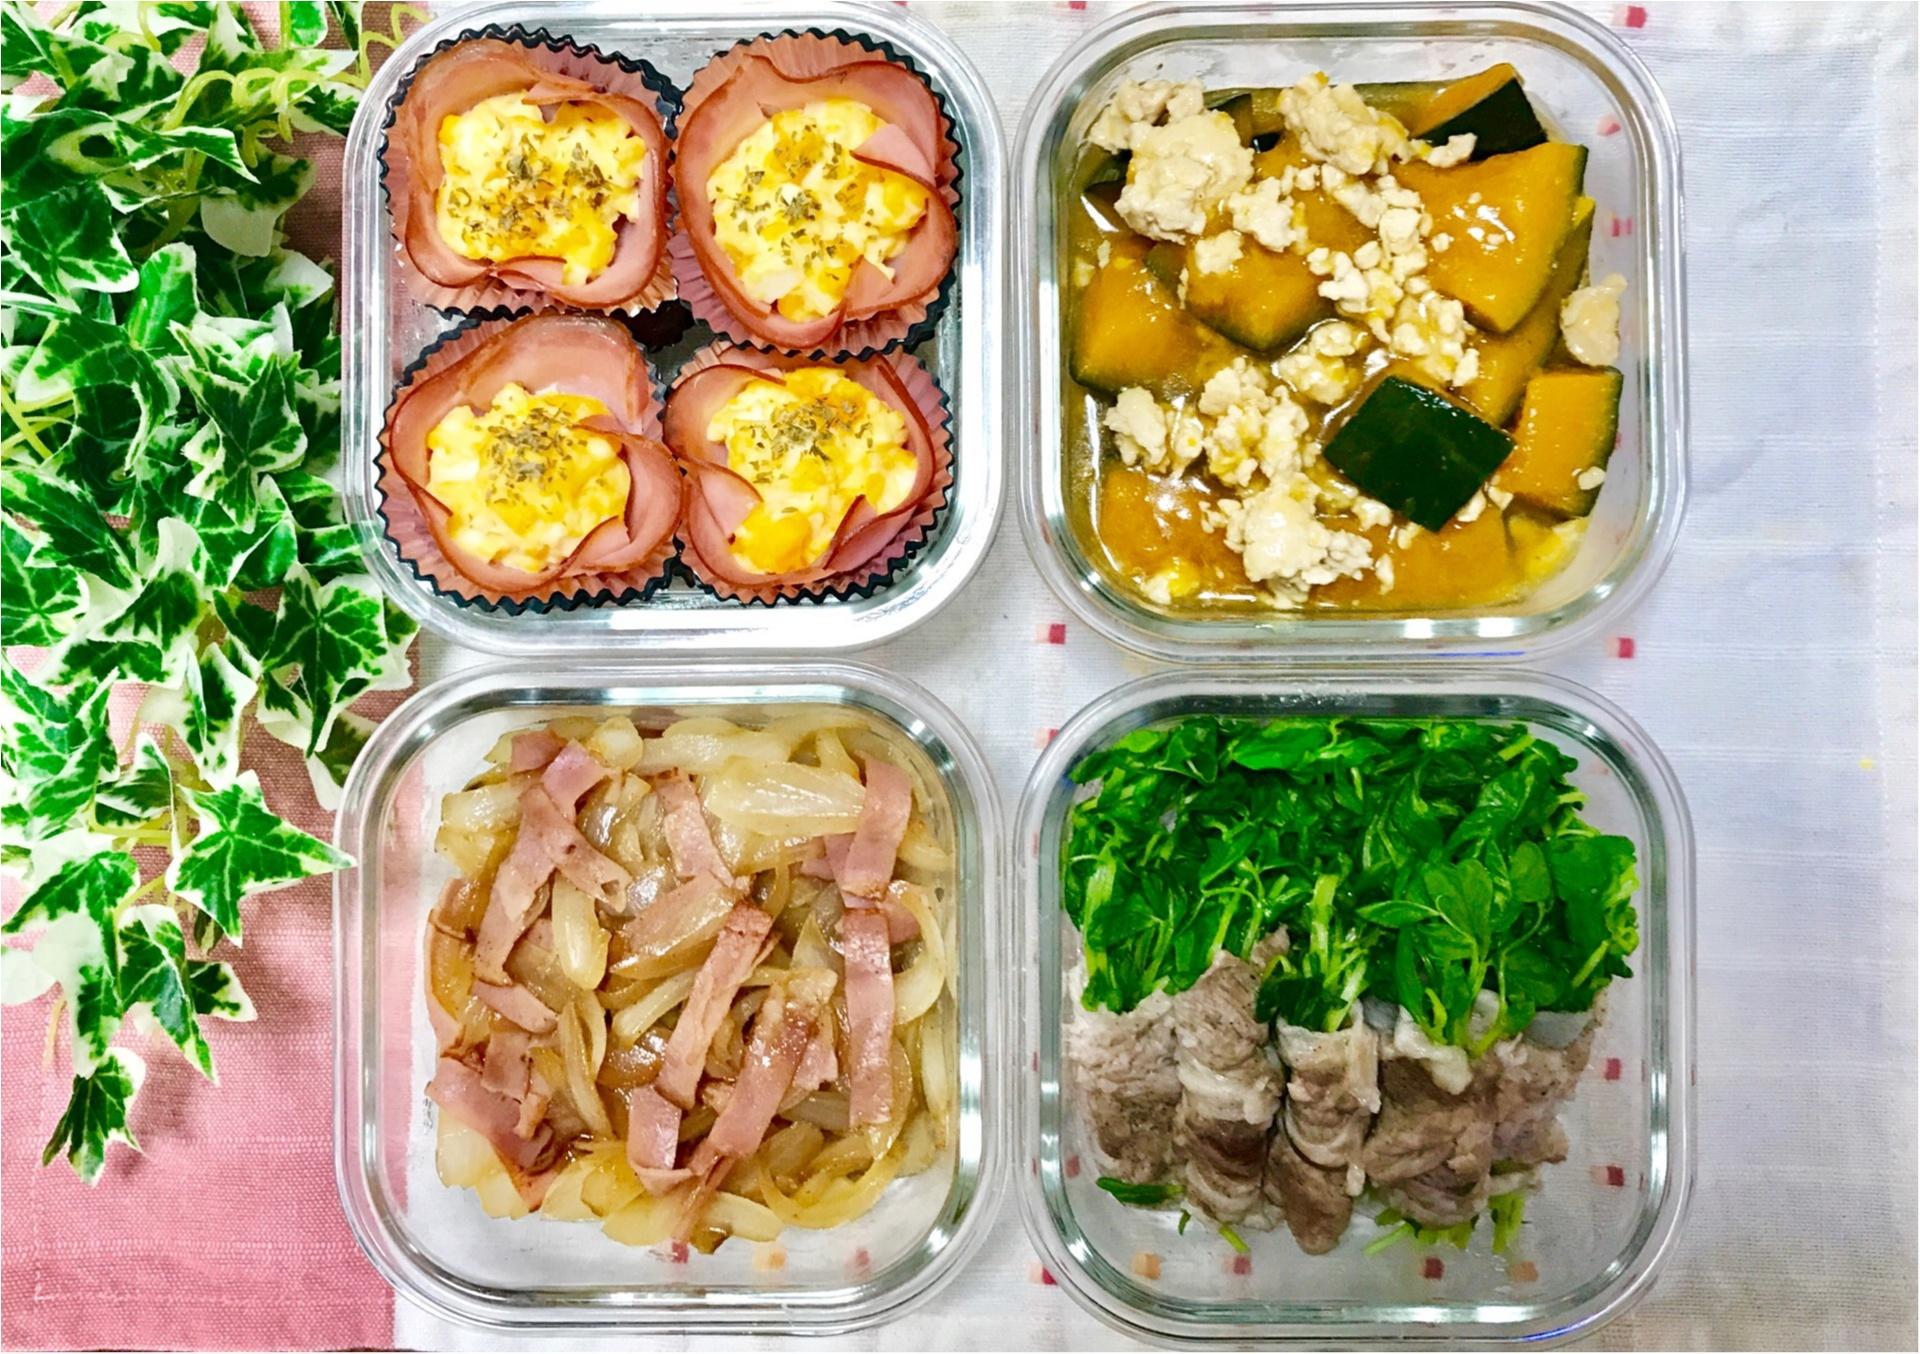 【作り置きおかず】お弁当作りに大活躍!超簡単★常備菜レシピをご紹介♡〜第33弾〜_1